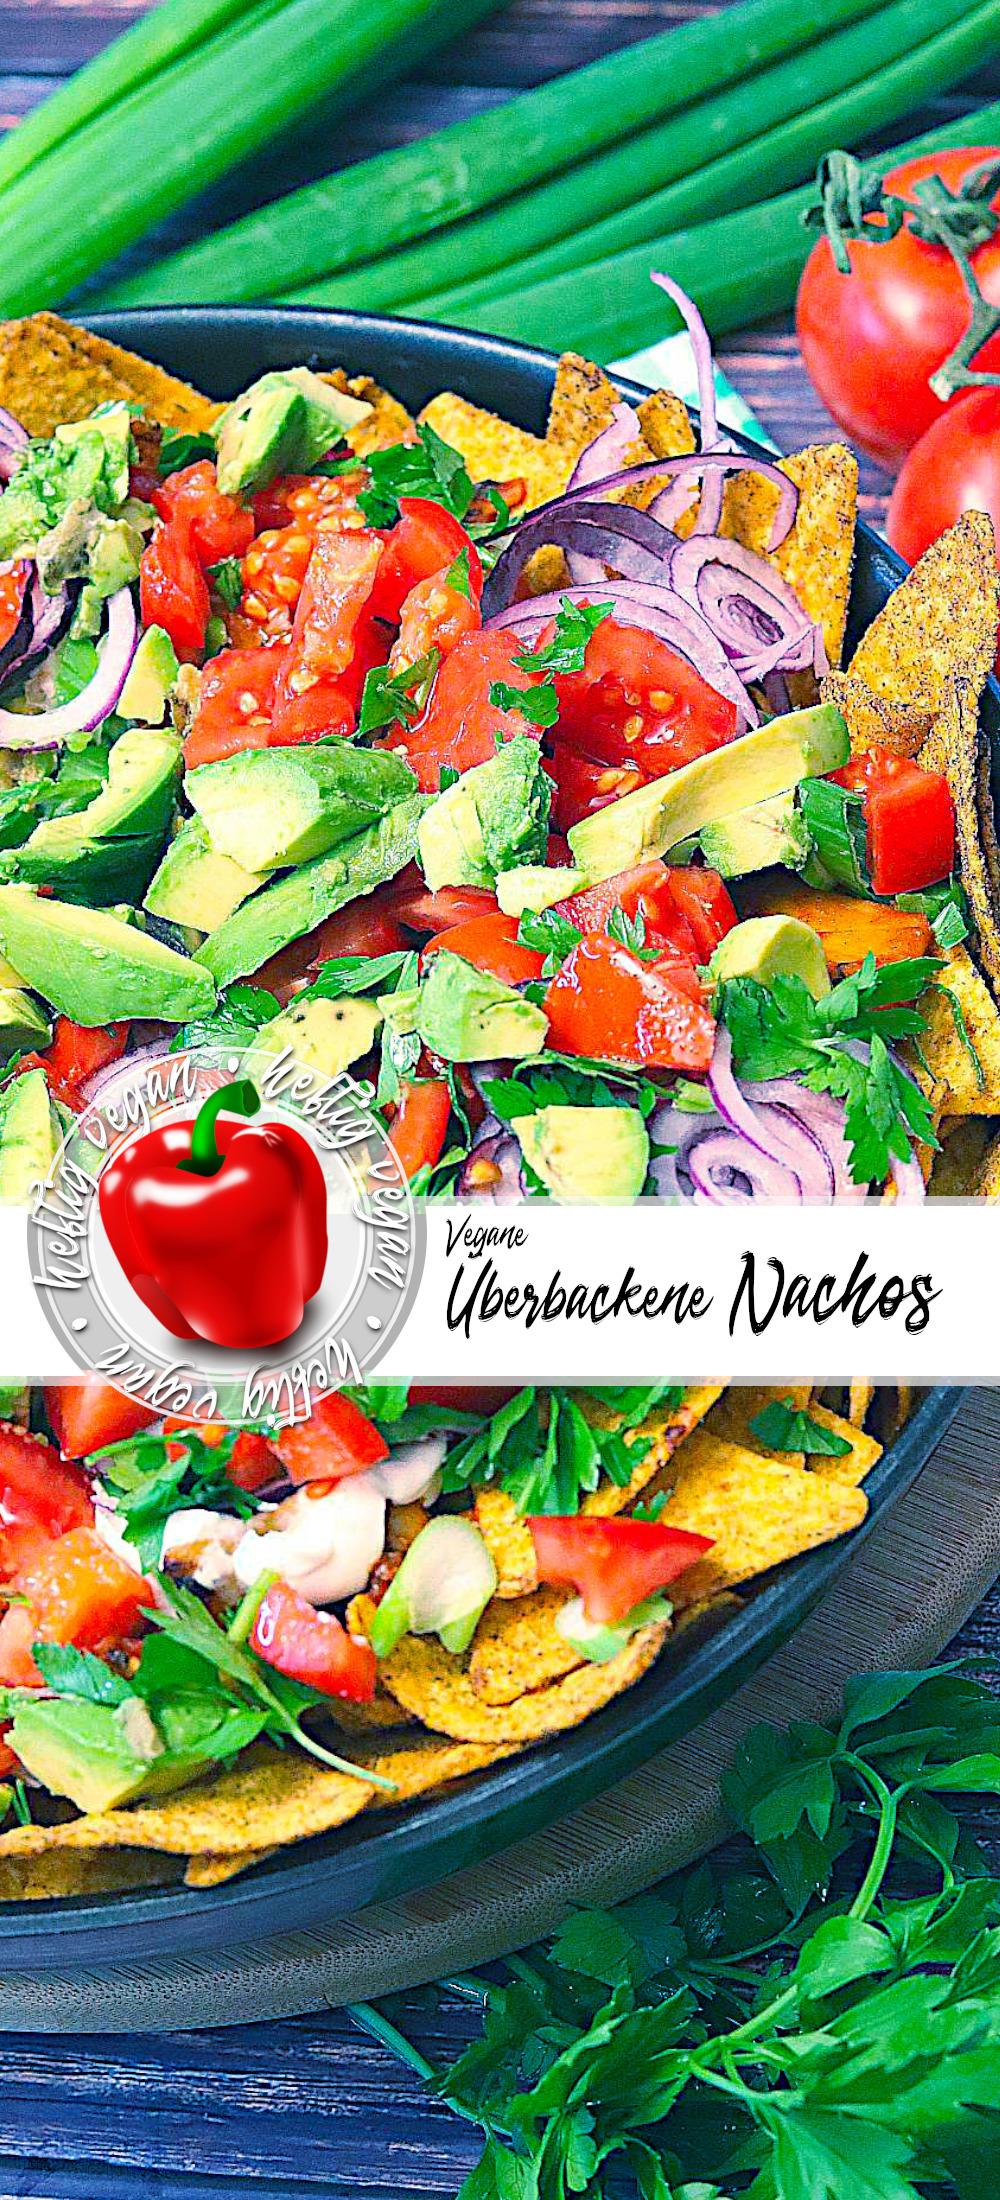 Überackene Nachos (vegan) auf Pinterest